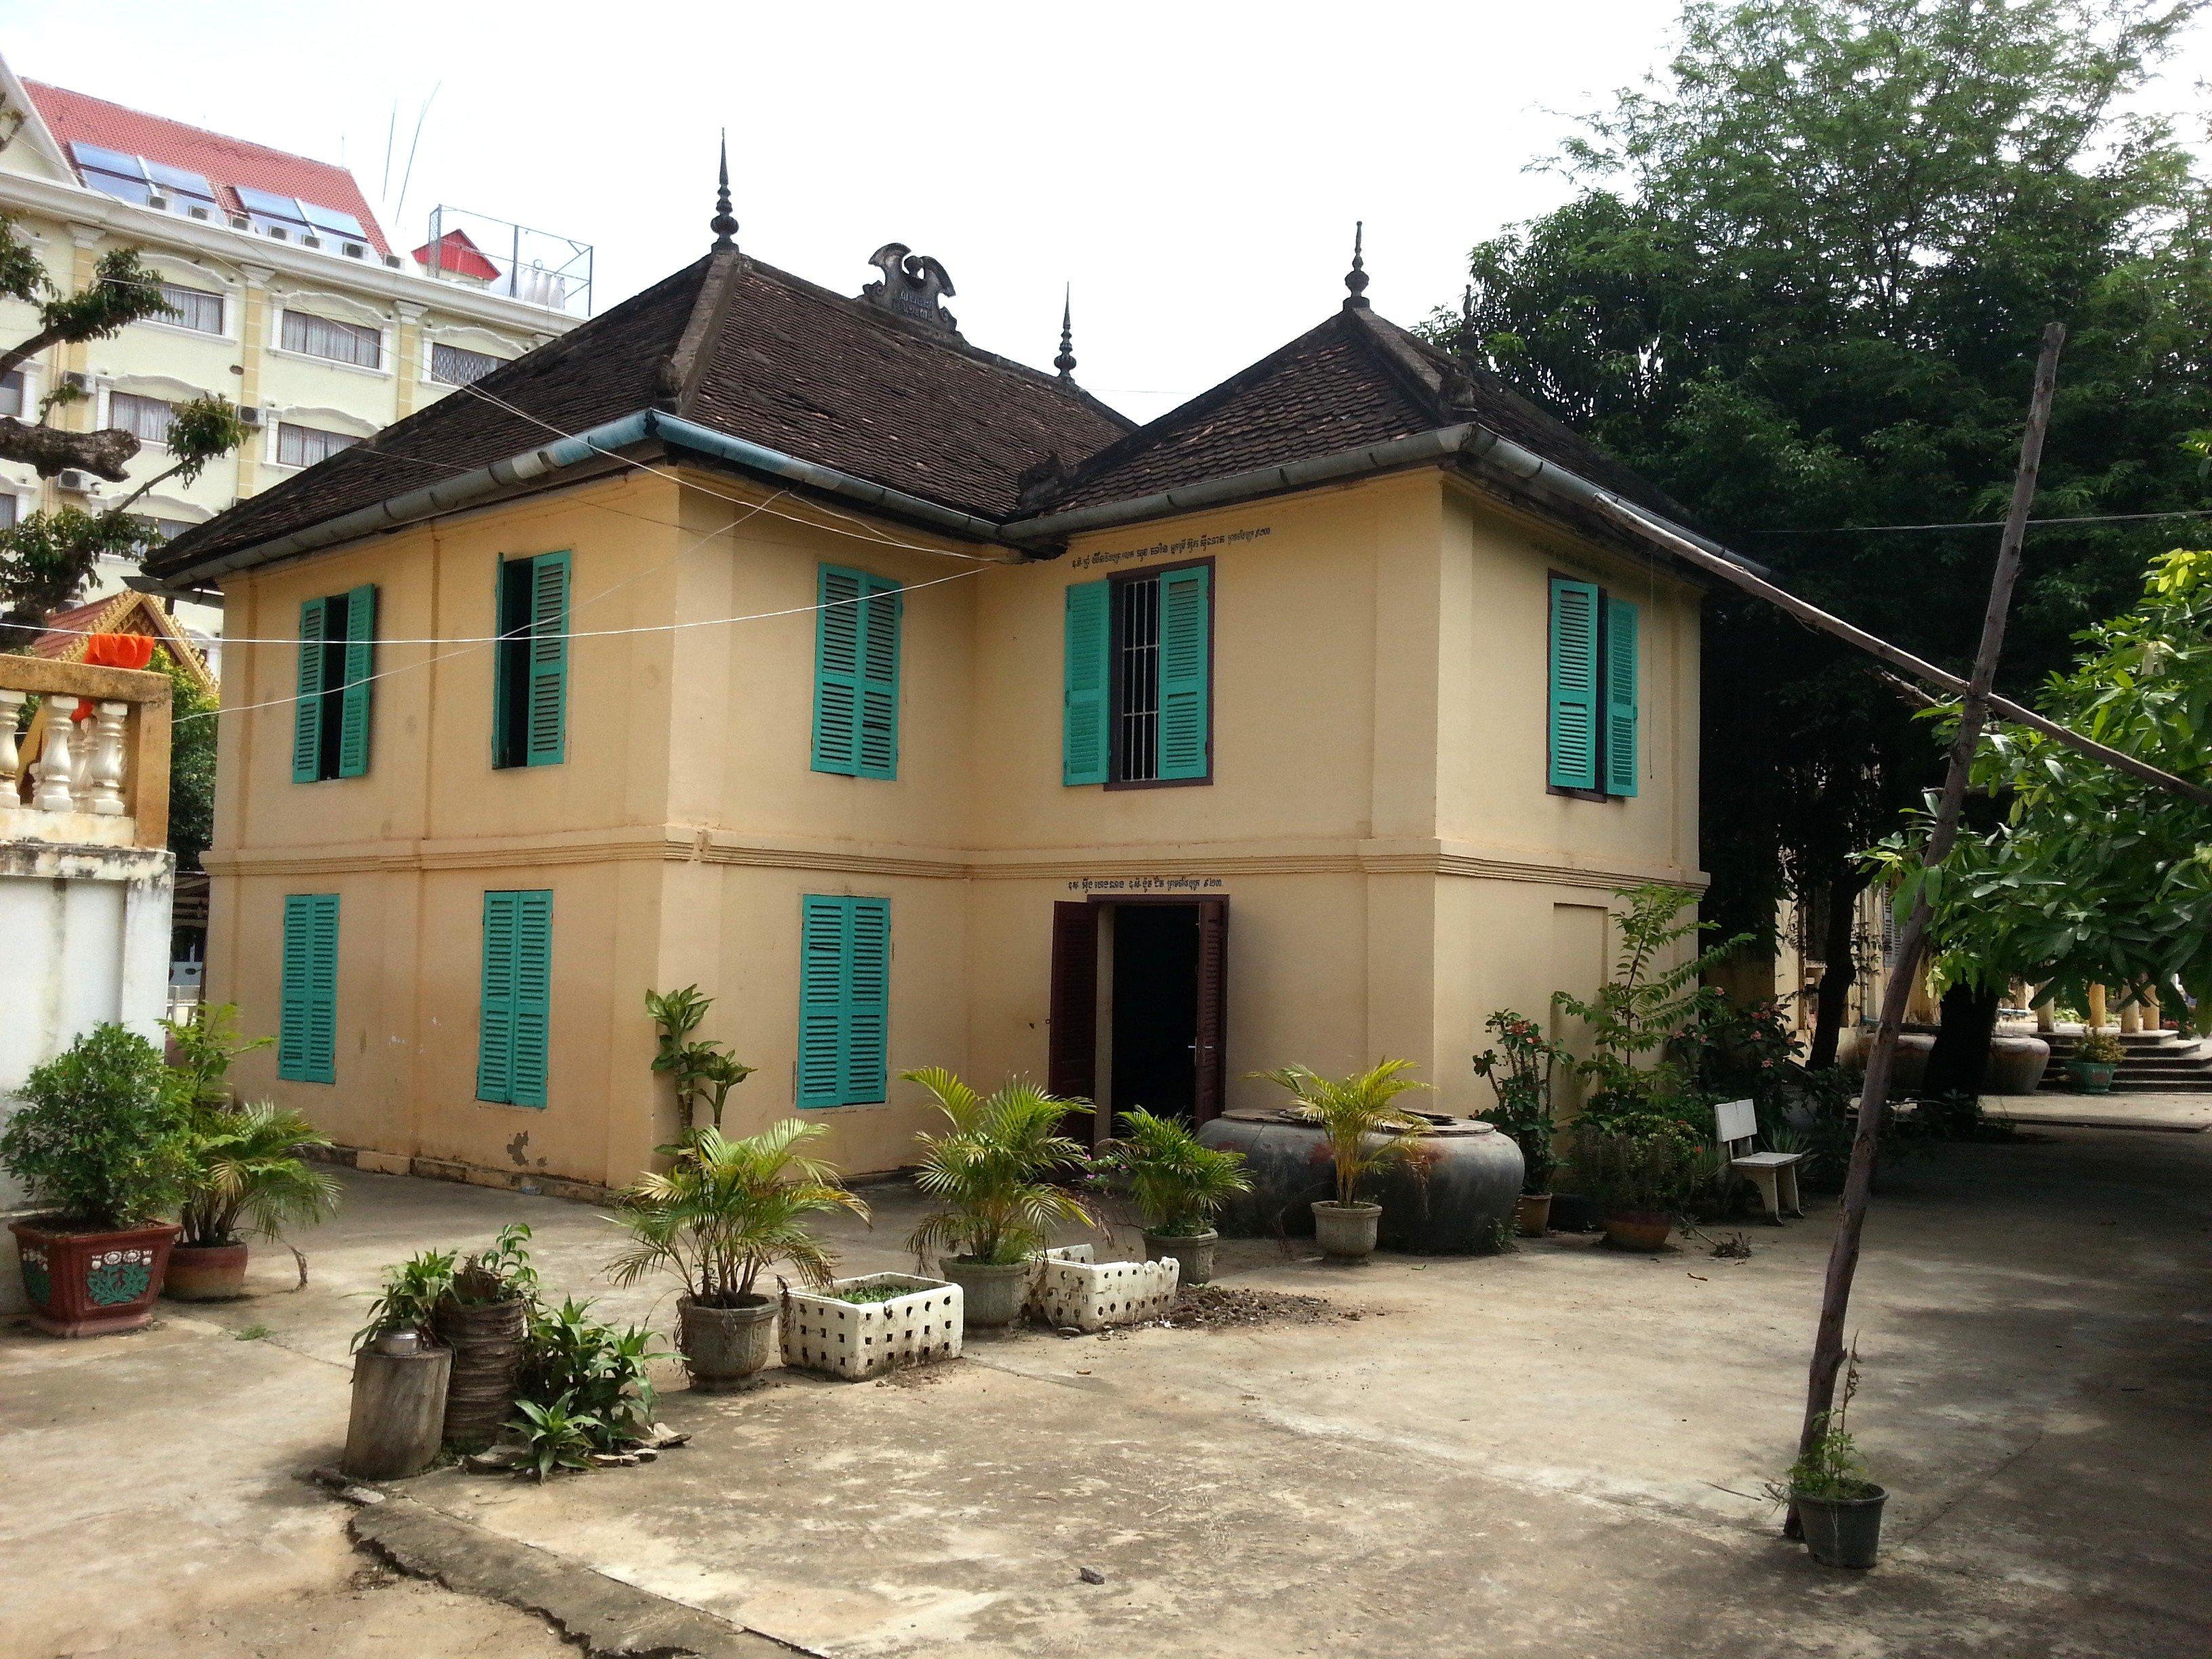 Monk's accommodation at Wat Kandal